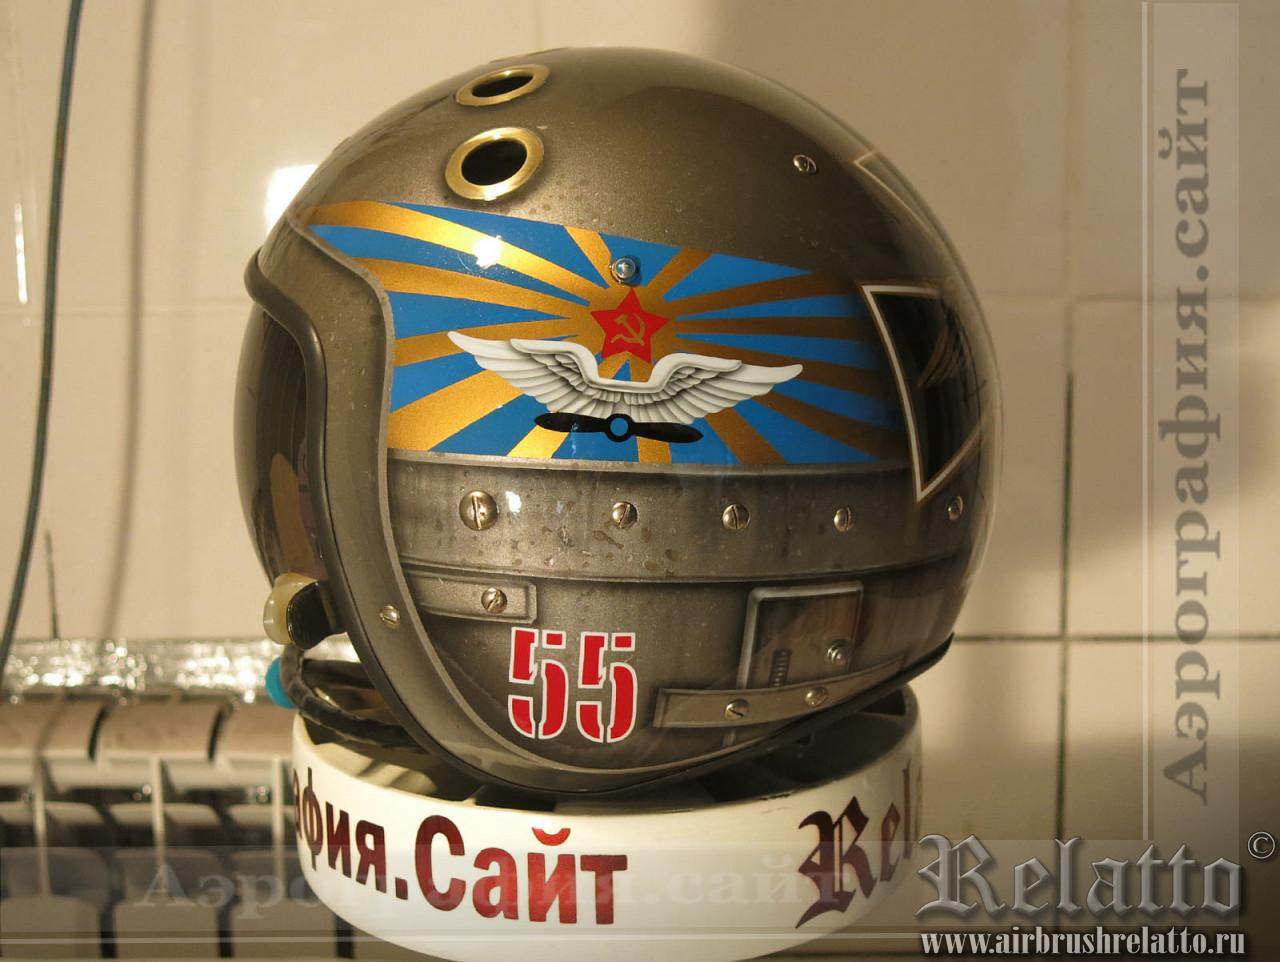 аэрография шлем в Краснодаре